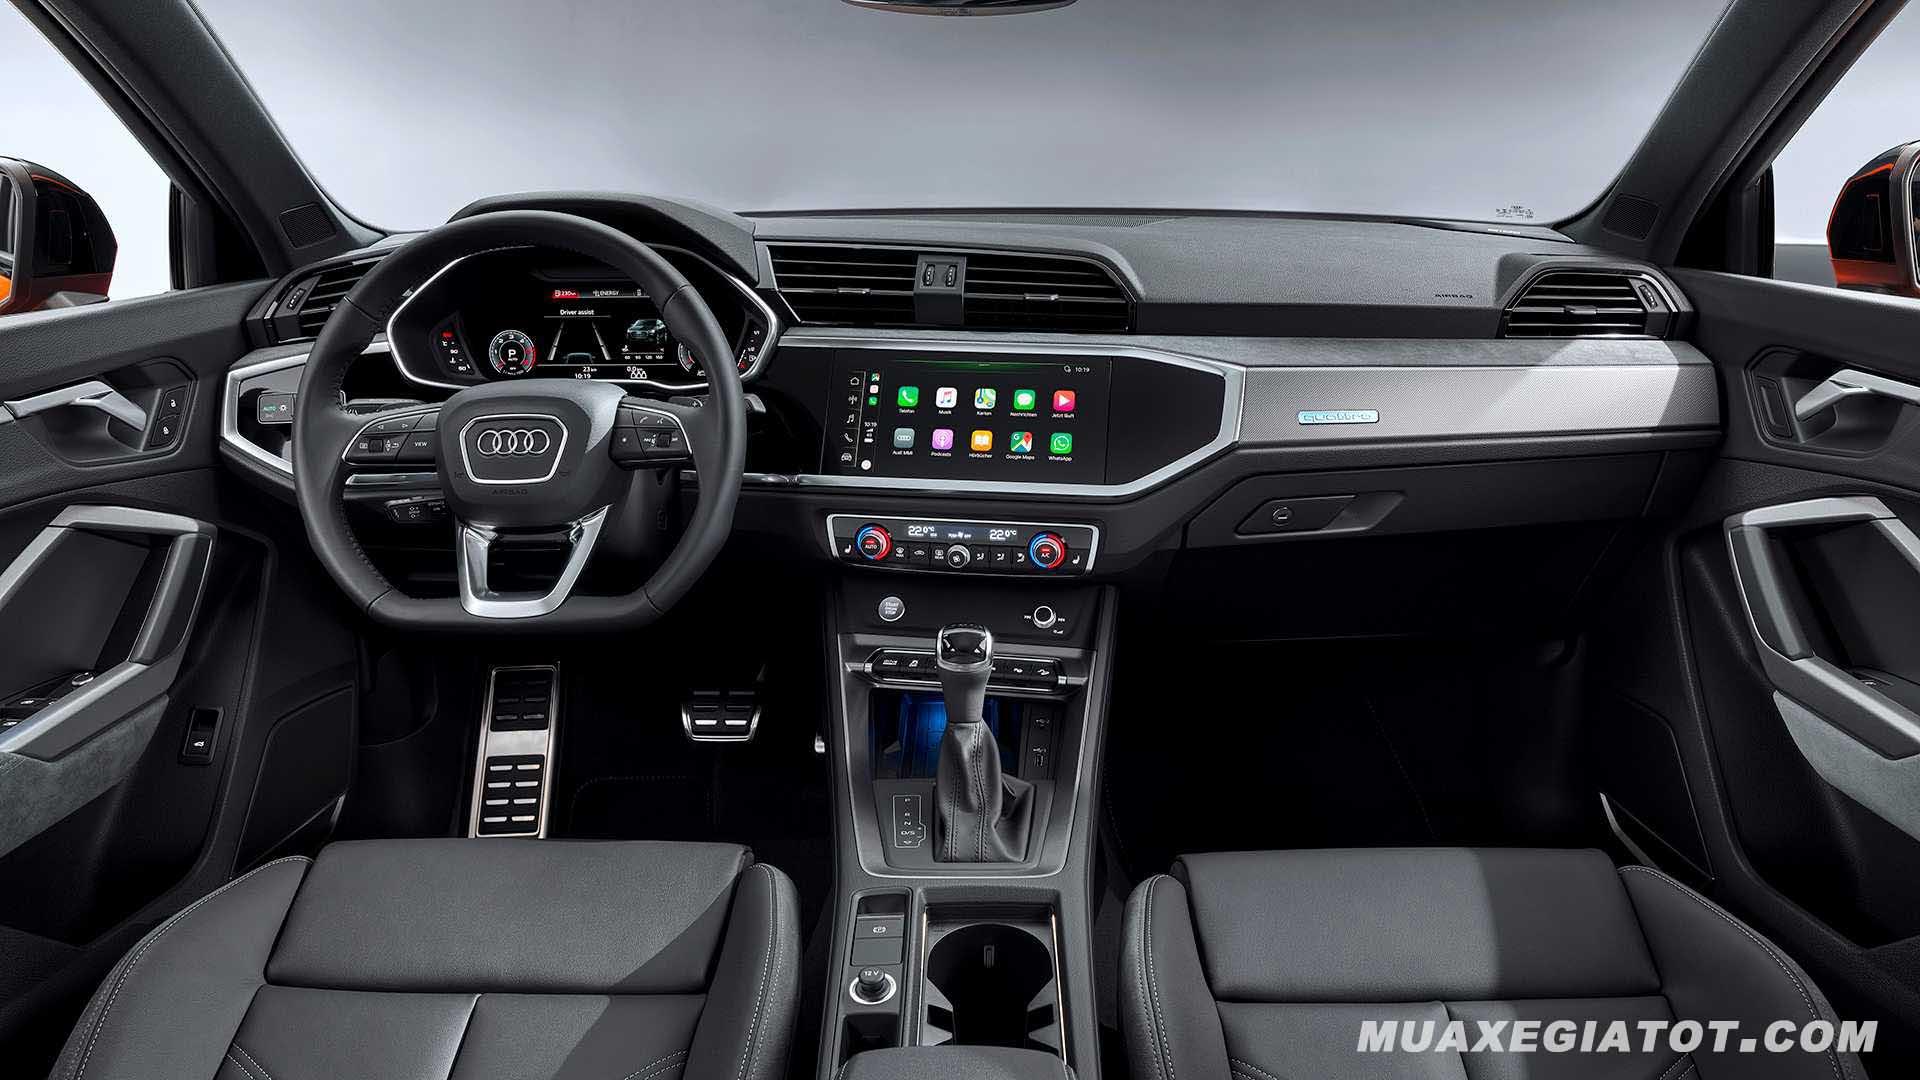 tien-nghi-xe-audi-q3-sportback-2020-muaxegiatot-com